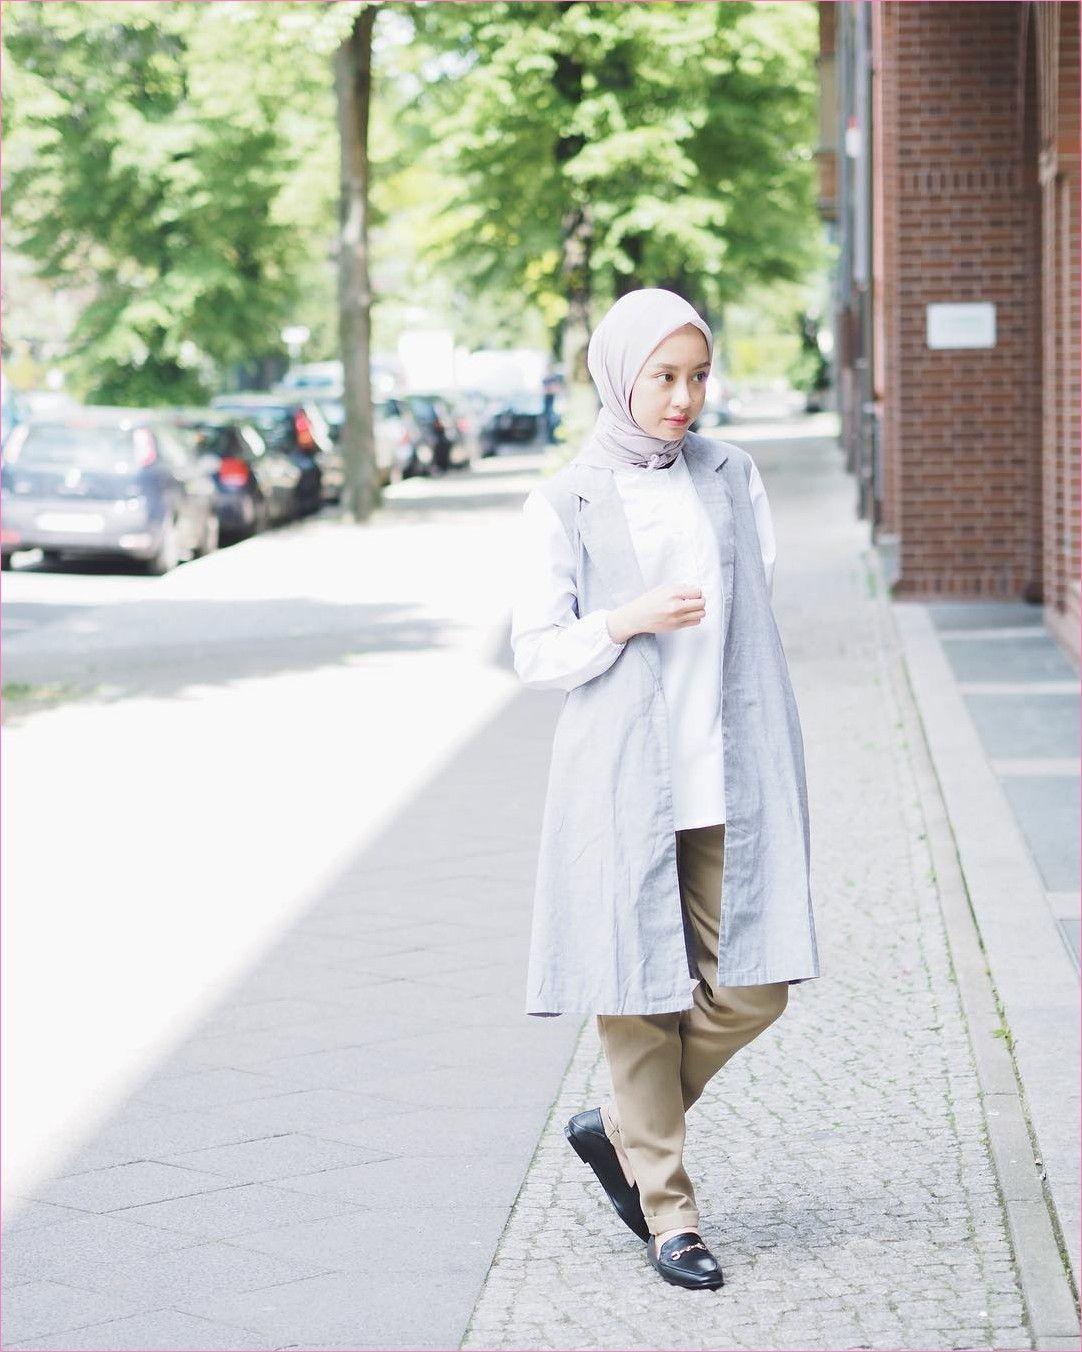 Baju Ootd Hijab 2019